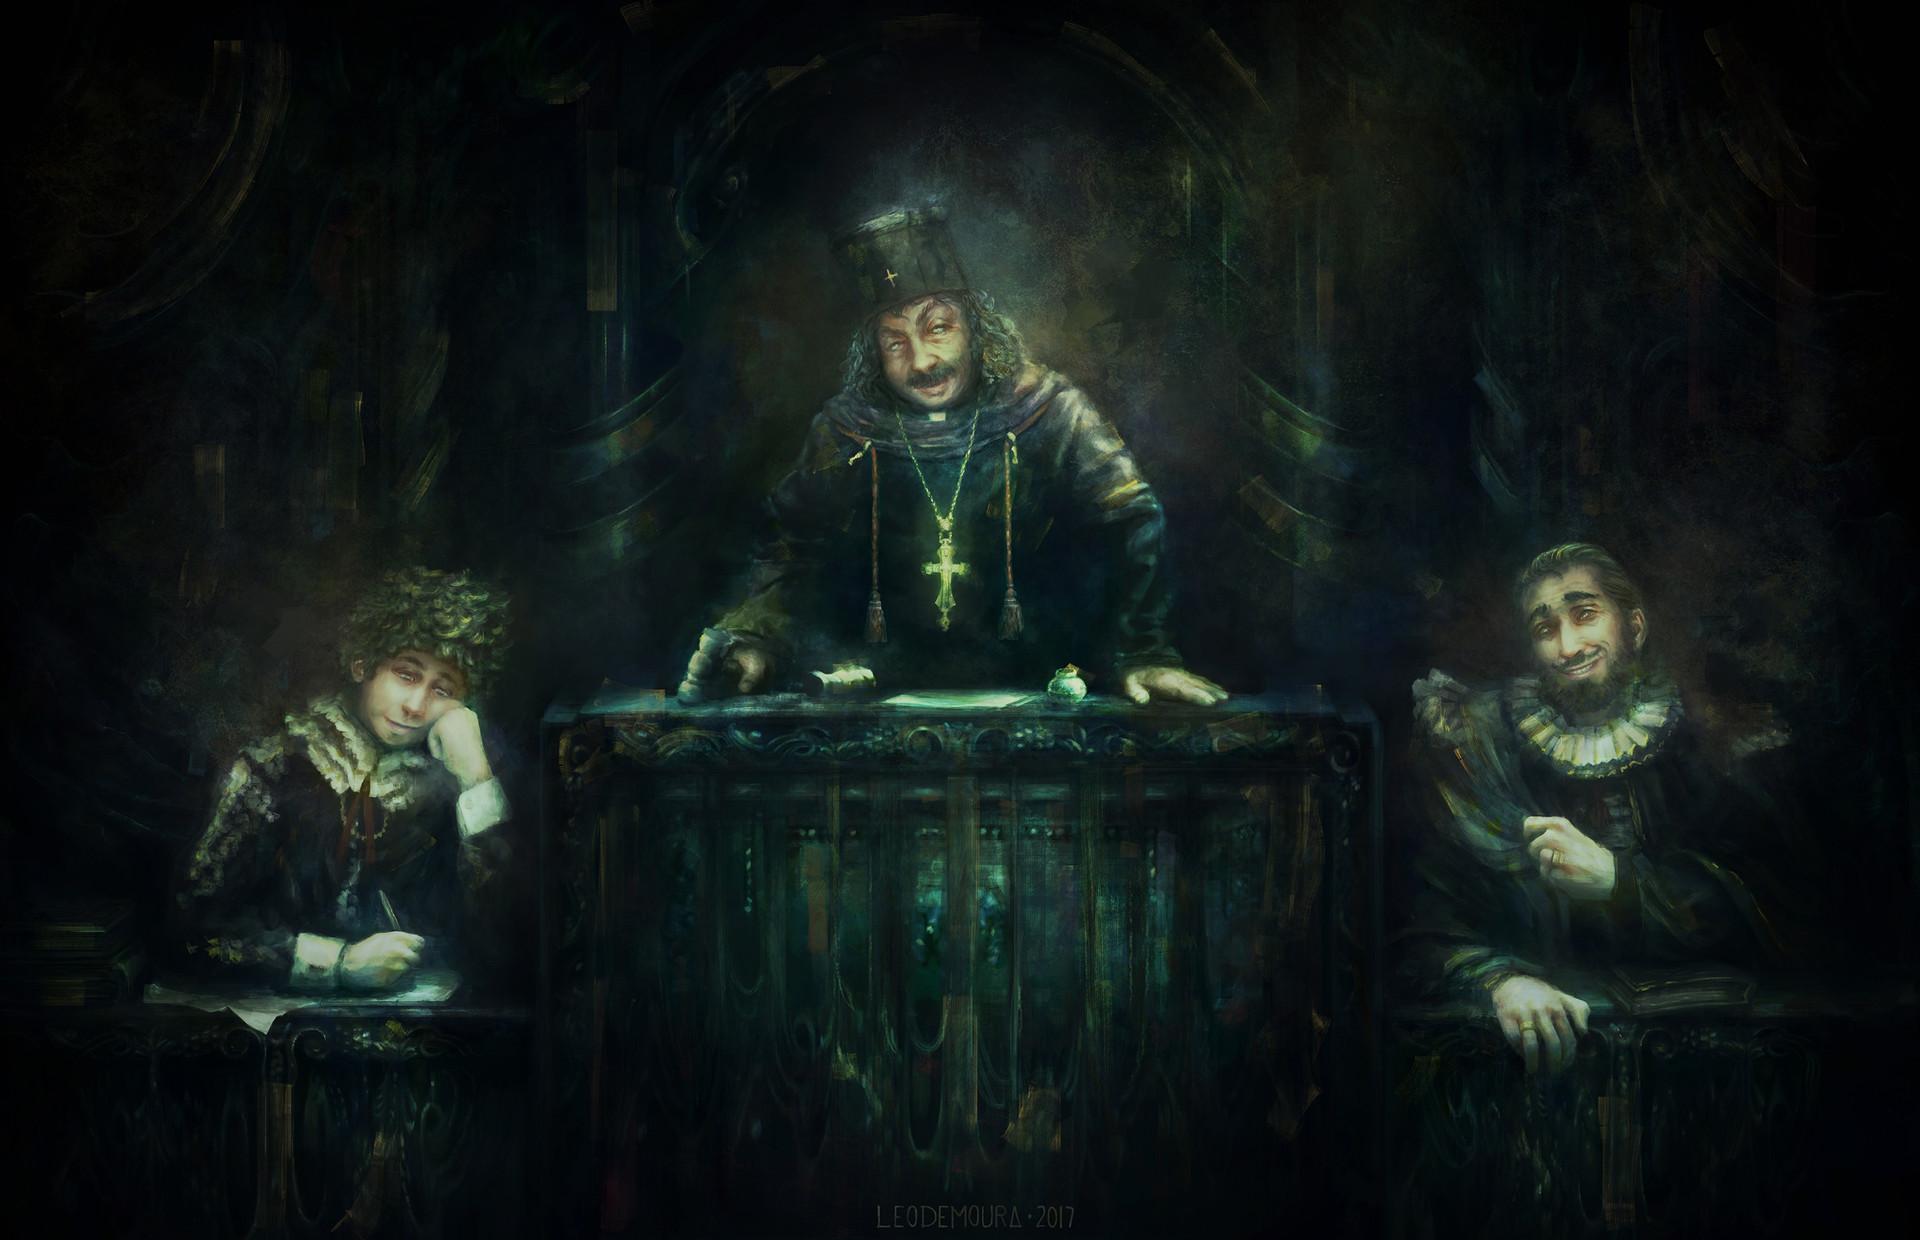 Leonardo de moura vigario compose c medium